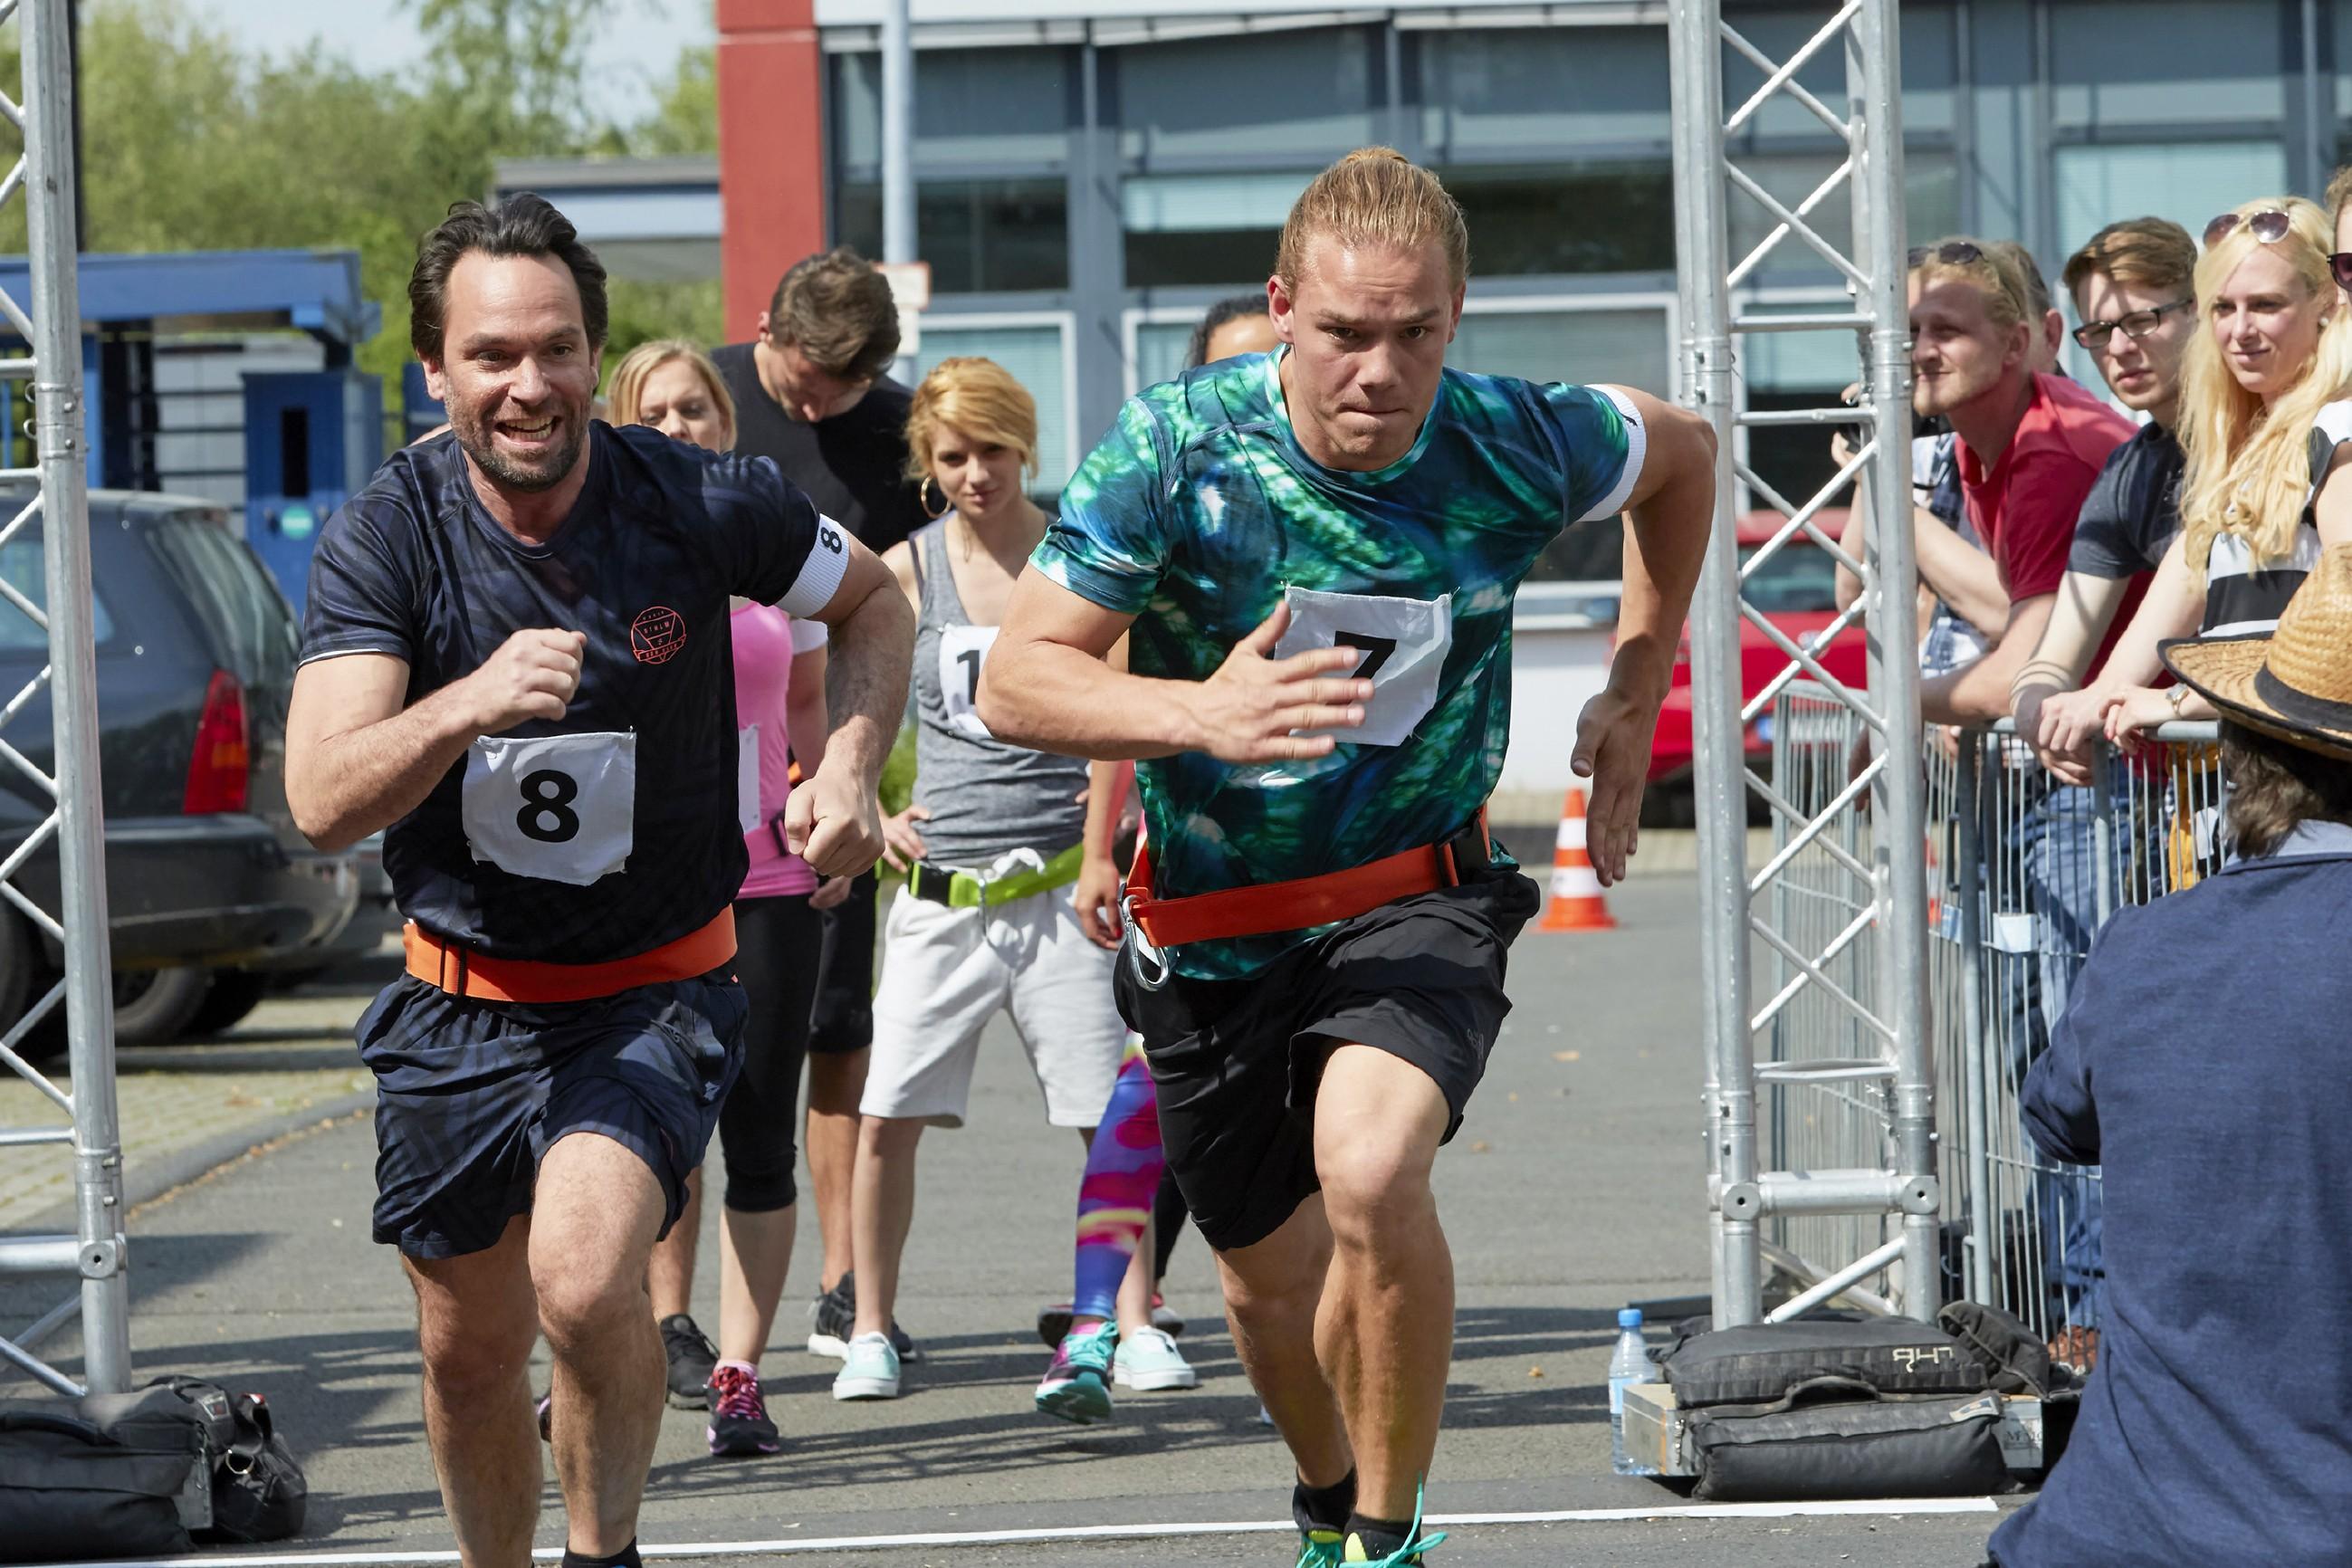 Thomas (Daniel Brockhaus, l.) und Leo (Julian Bayer) schenken sich bei dem Wettkampf _Battle oft he Best_ nichts. Wer wird als Erster über die Ziellinie gehen? (Quelle: RTL / Guido Engels)